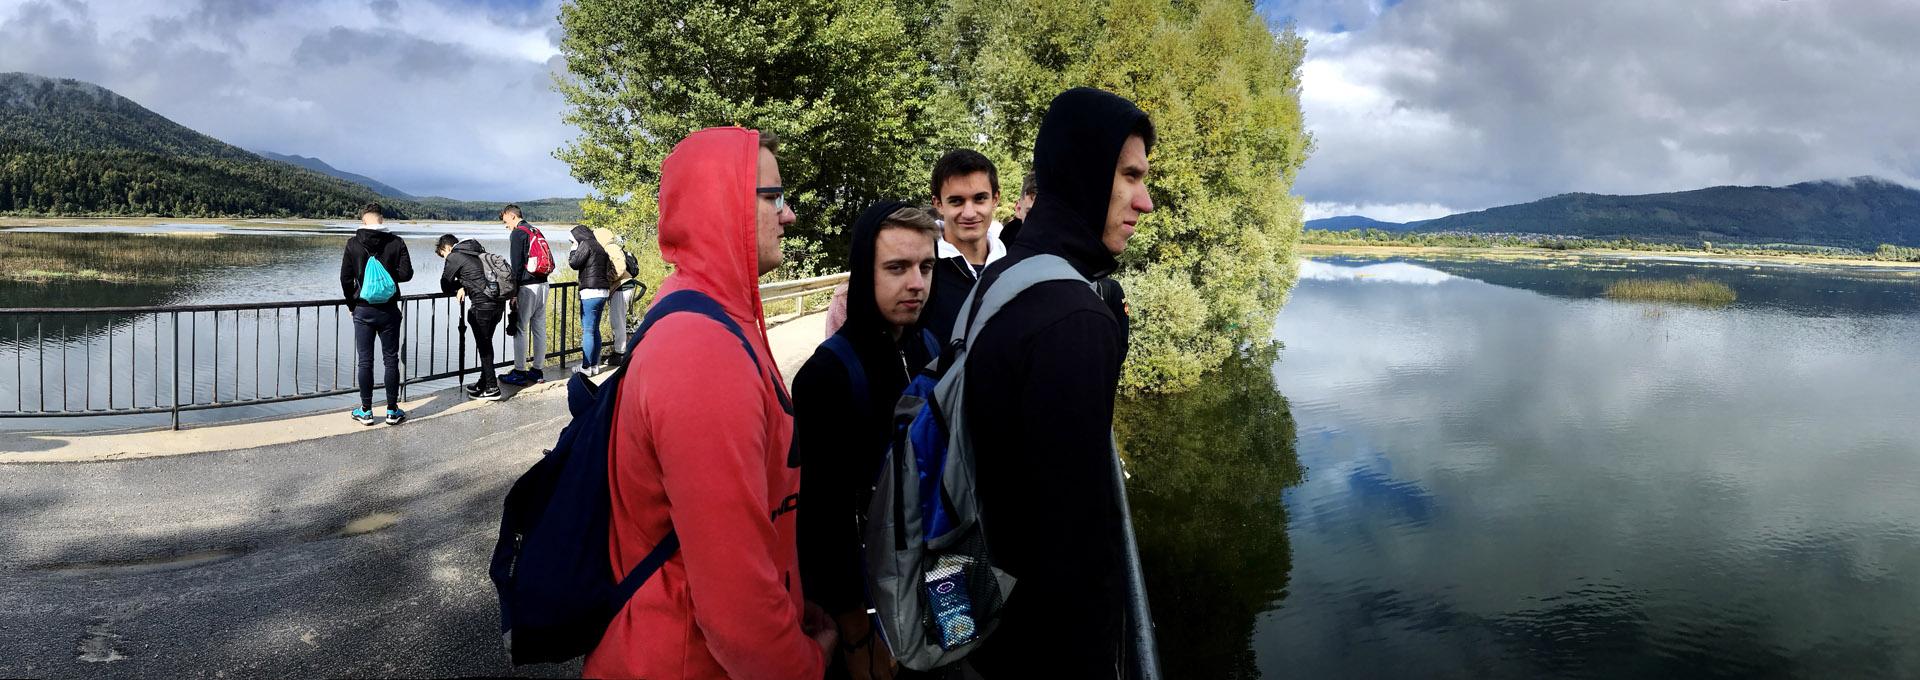 Presihajoče Cerkniško jezero ujeto med čarovniško Slivnico in divjimi Javorniki je eno od svetovnih čudes narave, zato se je skupaj s podzemljem Križne jame in naravnima mostovoma Rakovega Škocjana tudi uvrstilo na seznam najpomembnejših mokrišč na Zemlji.